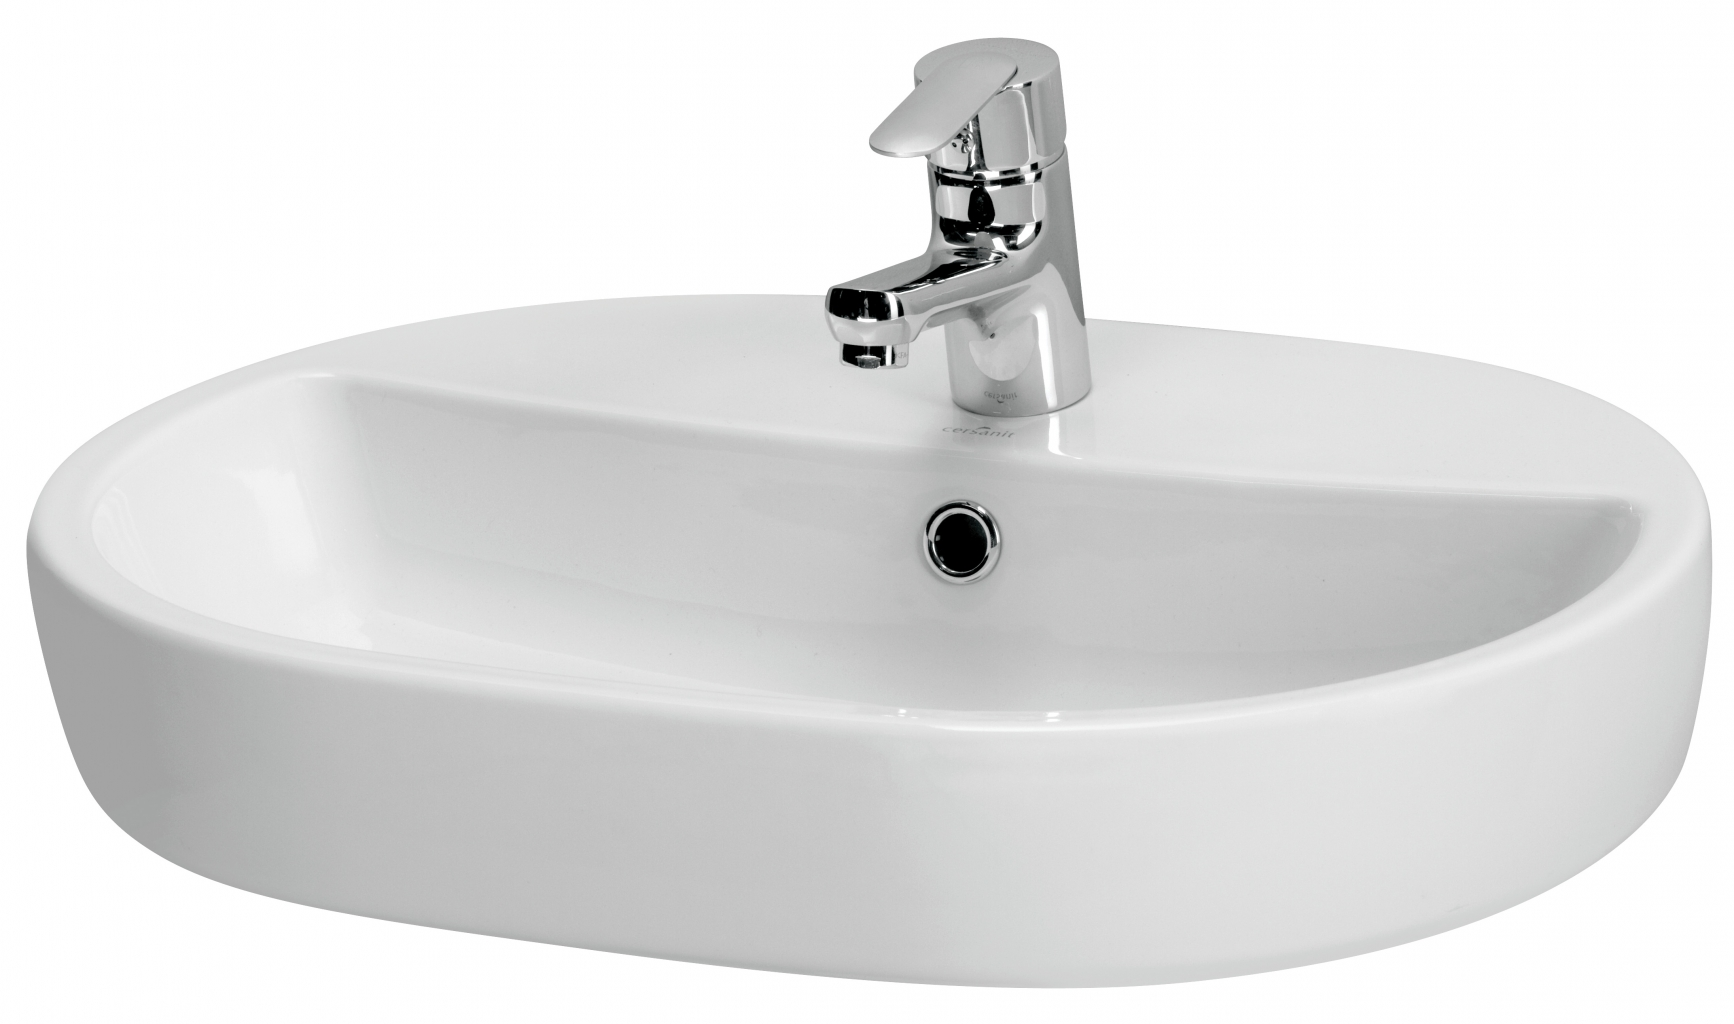 Umyvadlo CASPIA OVAL 60 s přepadem (K11-0099)